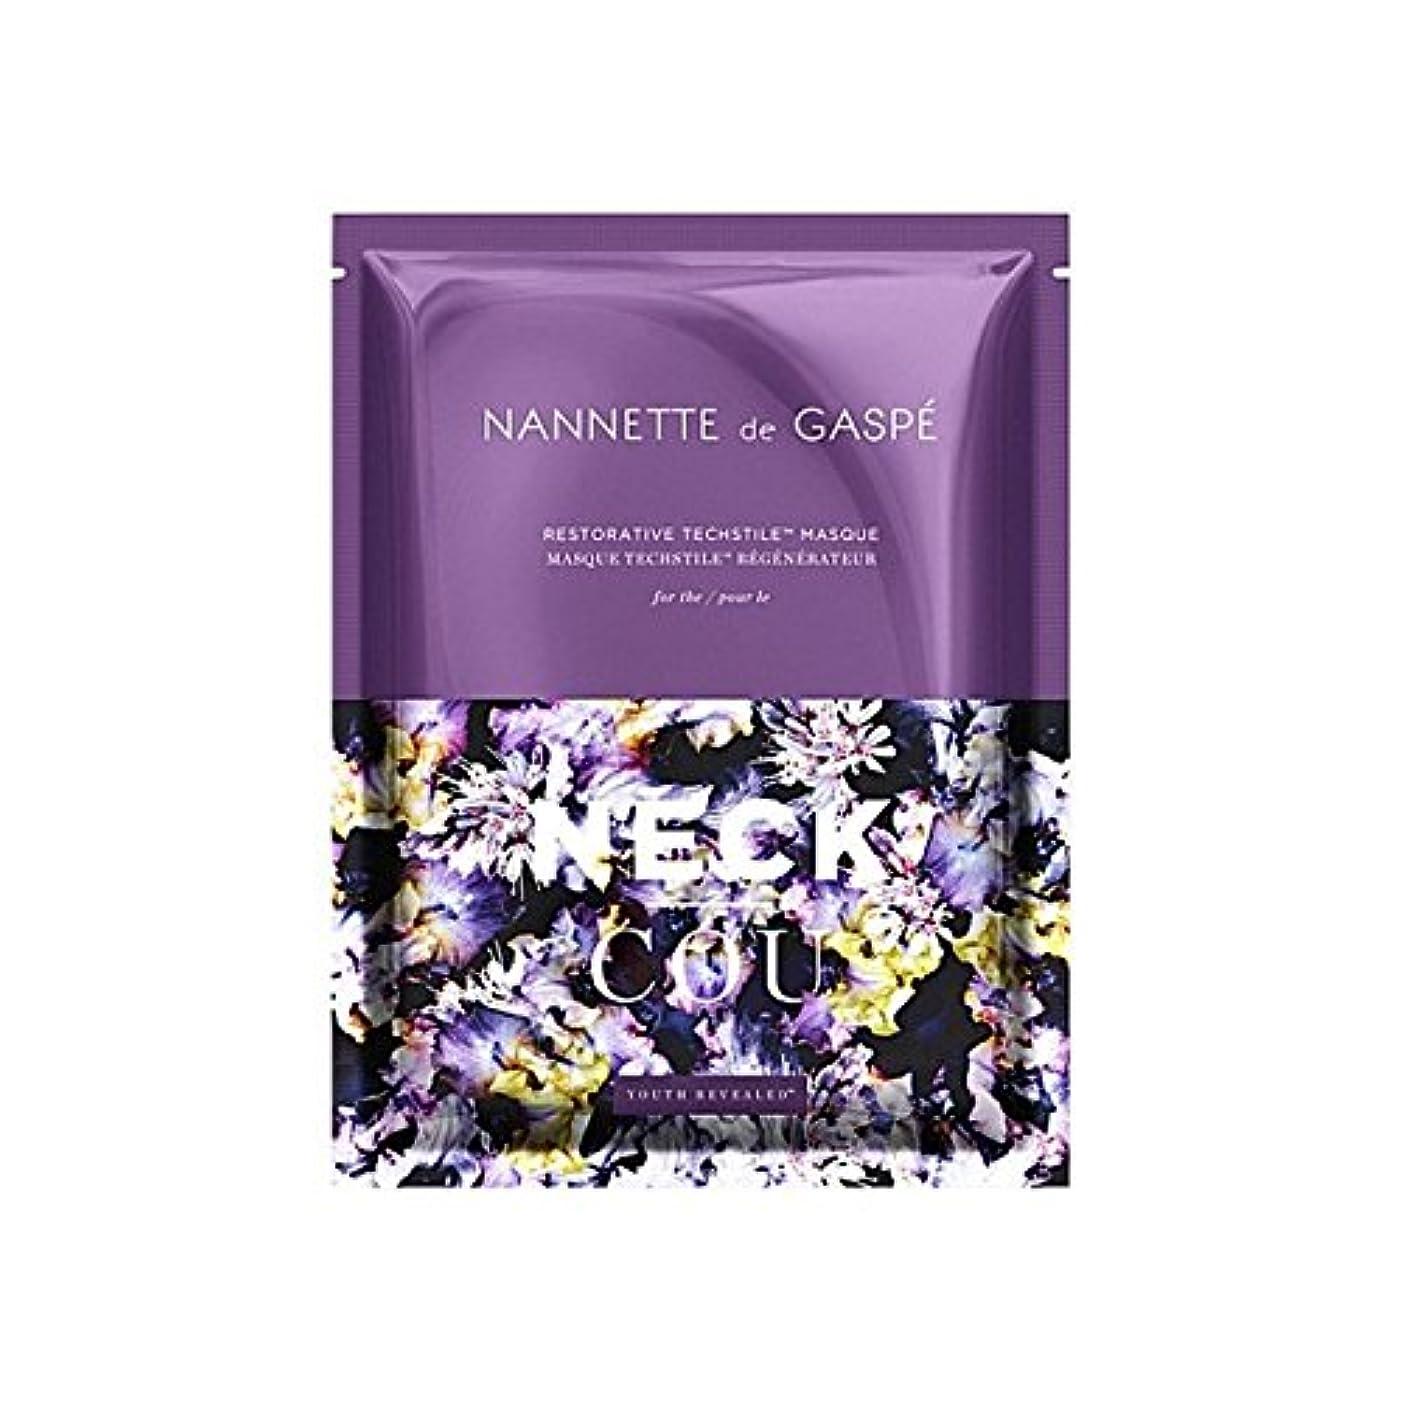 解き明かすこねる秀でるデガスペ修復首の仮面劇 x2 - Nannette De Gaspe Restorative Techstile Neck Masque (Pack of 2) [並行輸入品]